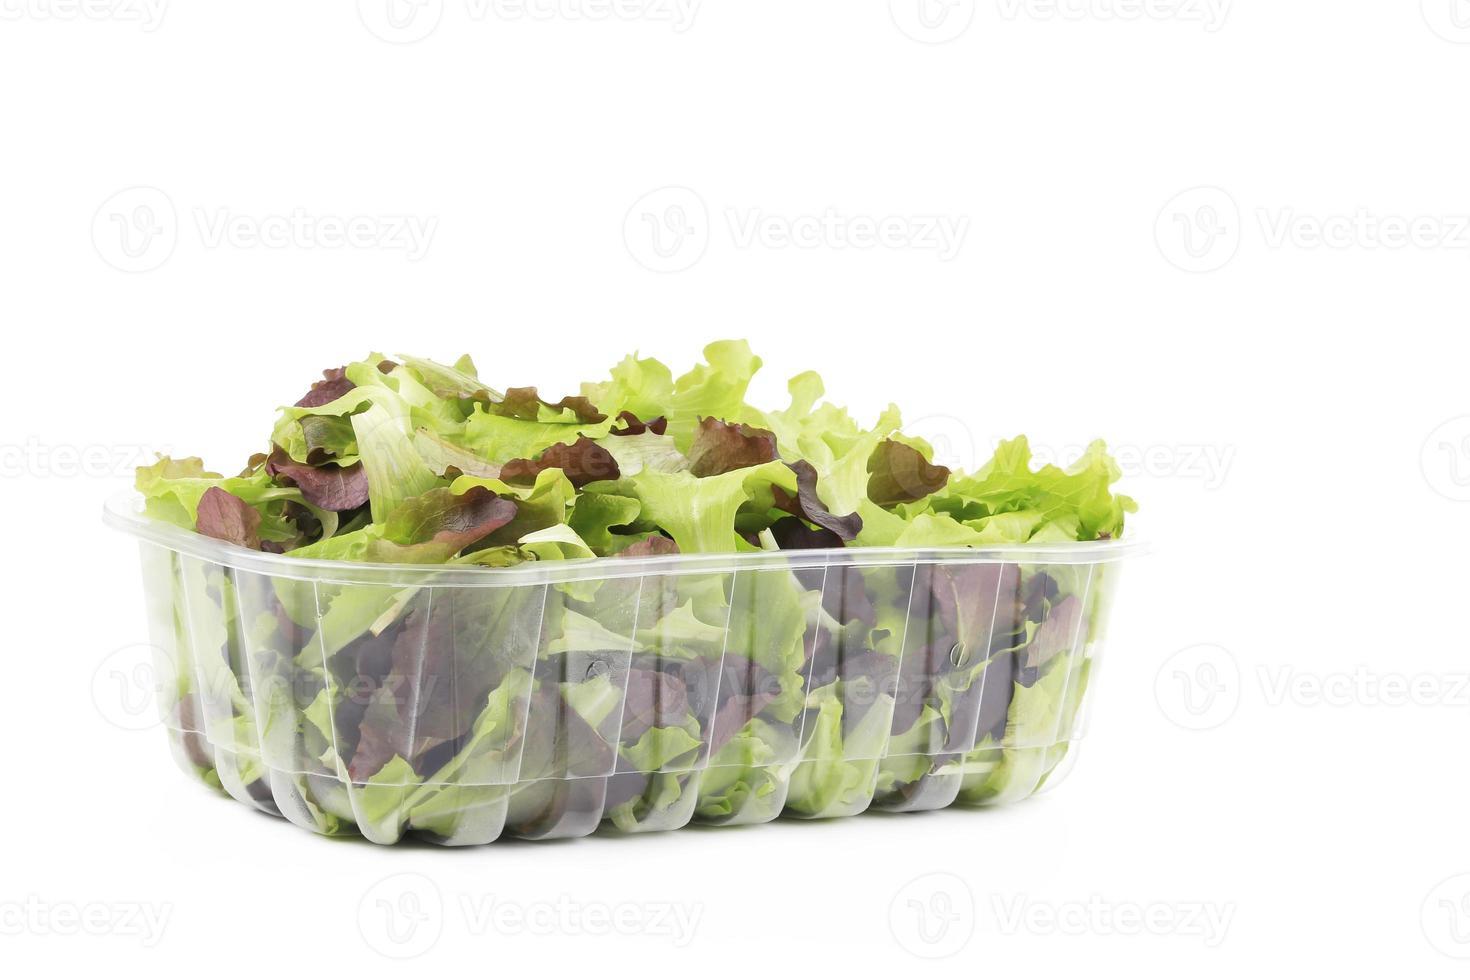 foglie fresche di insalata mista. foto